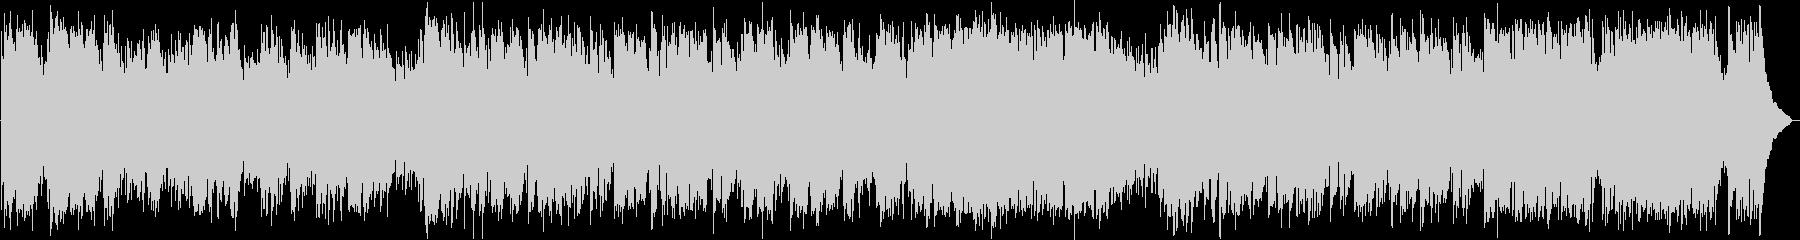 イタリア郊外風の3拍子BGMアレンジ版の未再生の波形